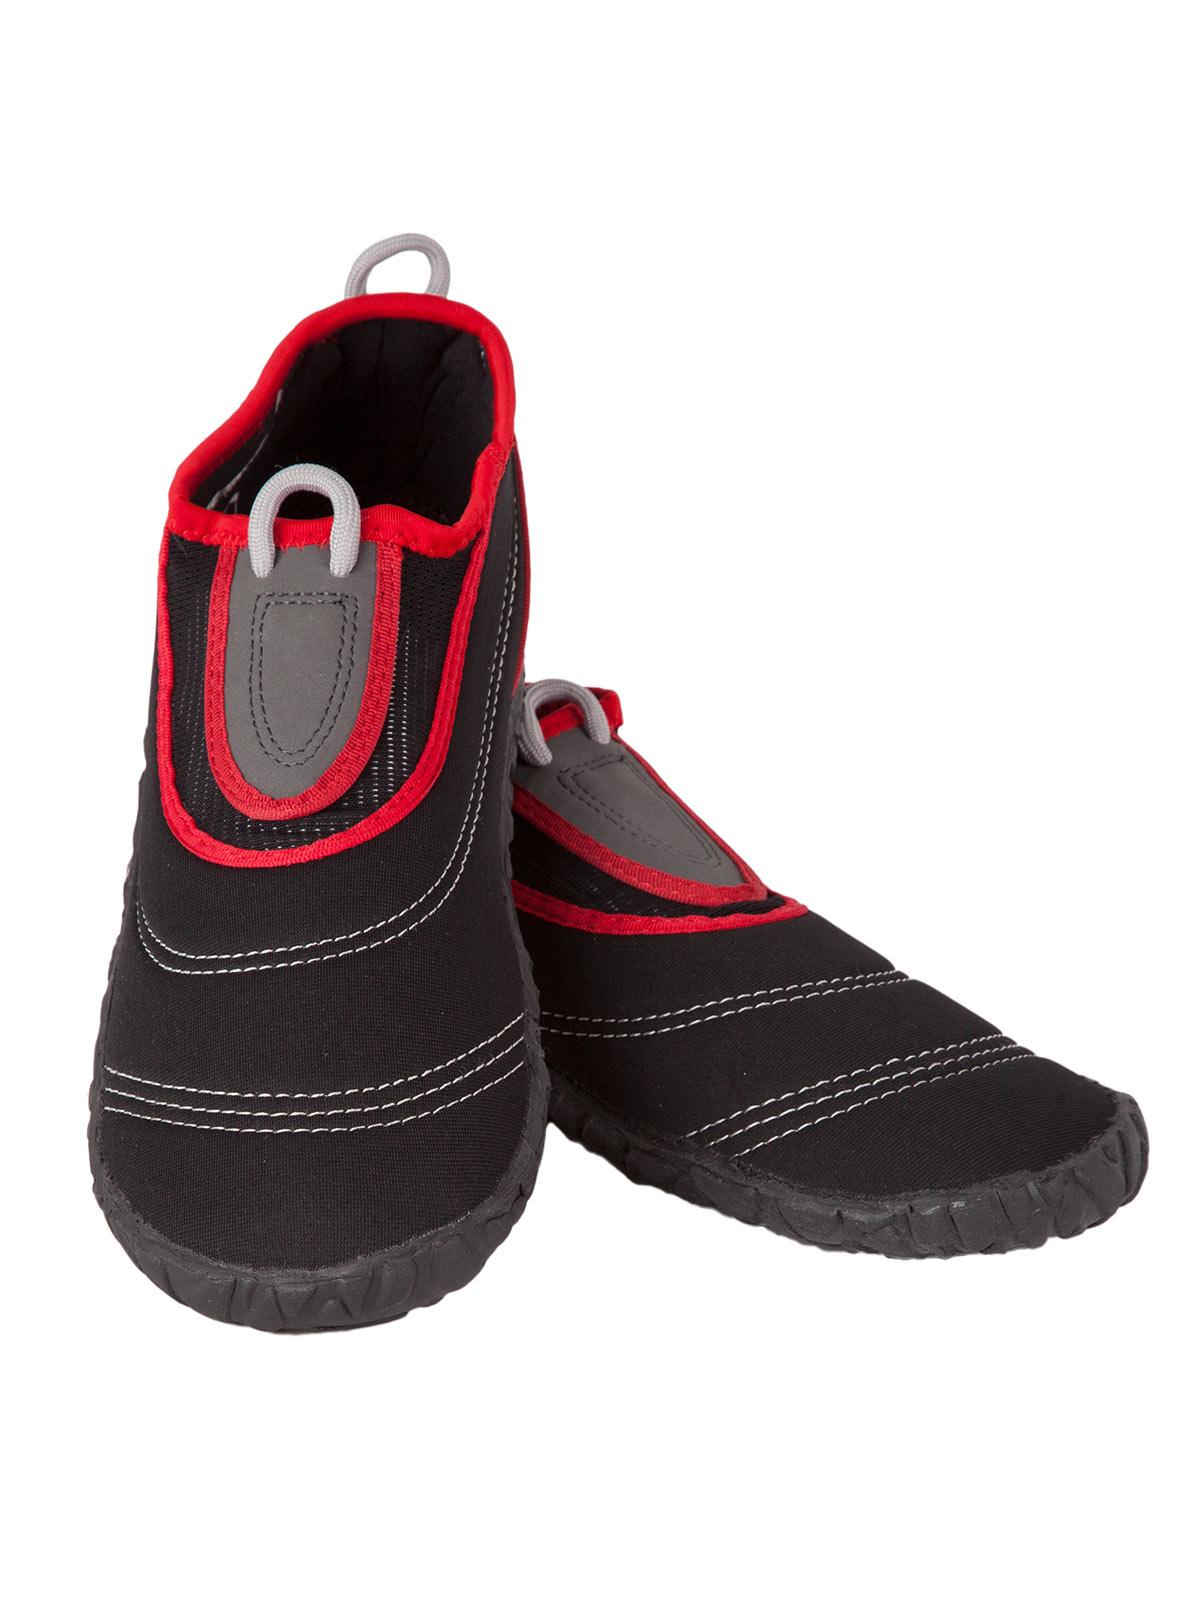 Deep See Beachwalker Menu0026#39;s Water Shoes Neoprene Low-Top Tropical Booties